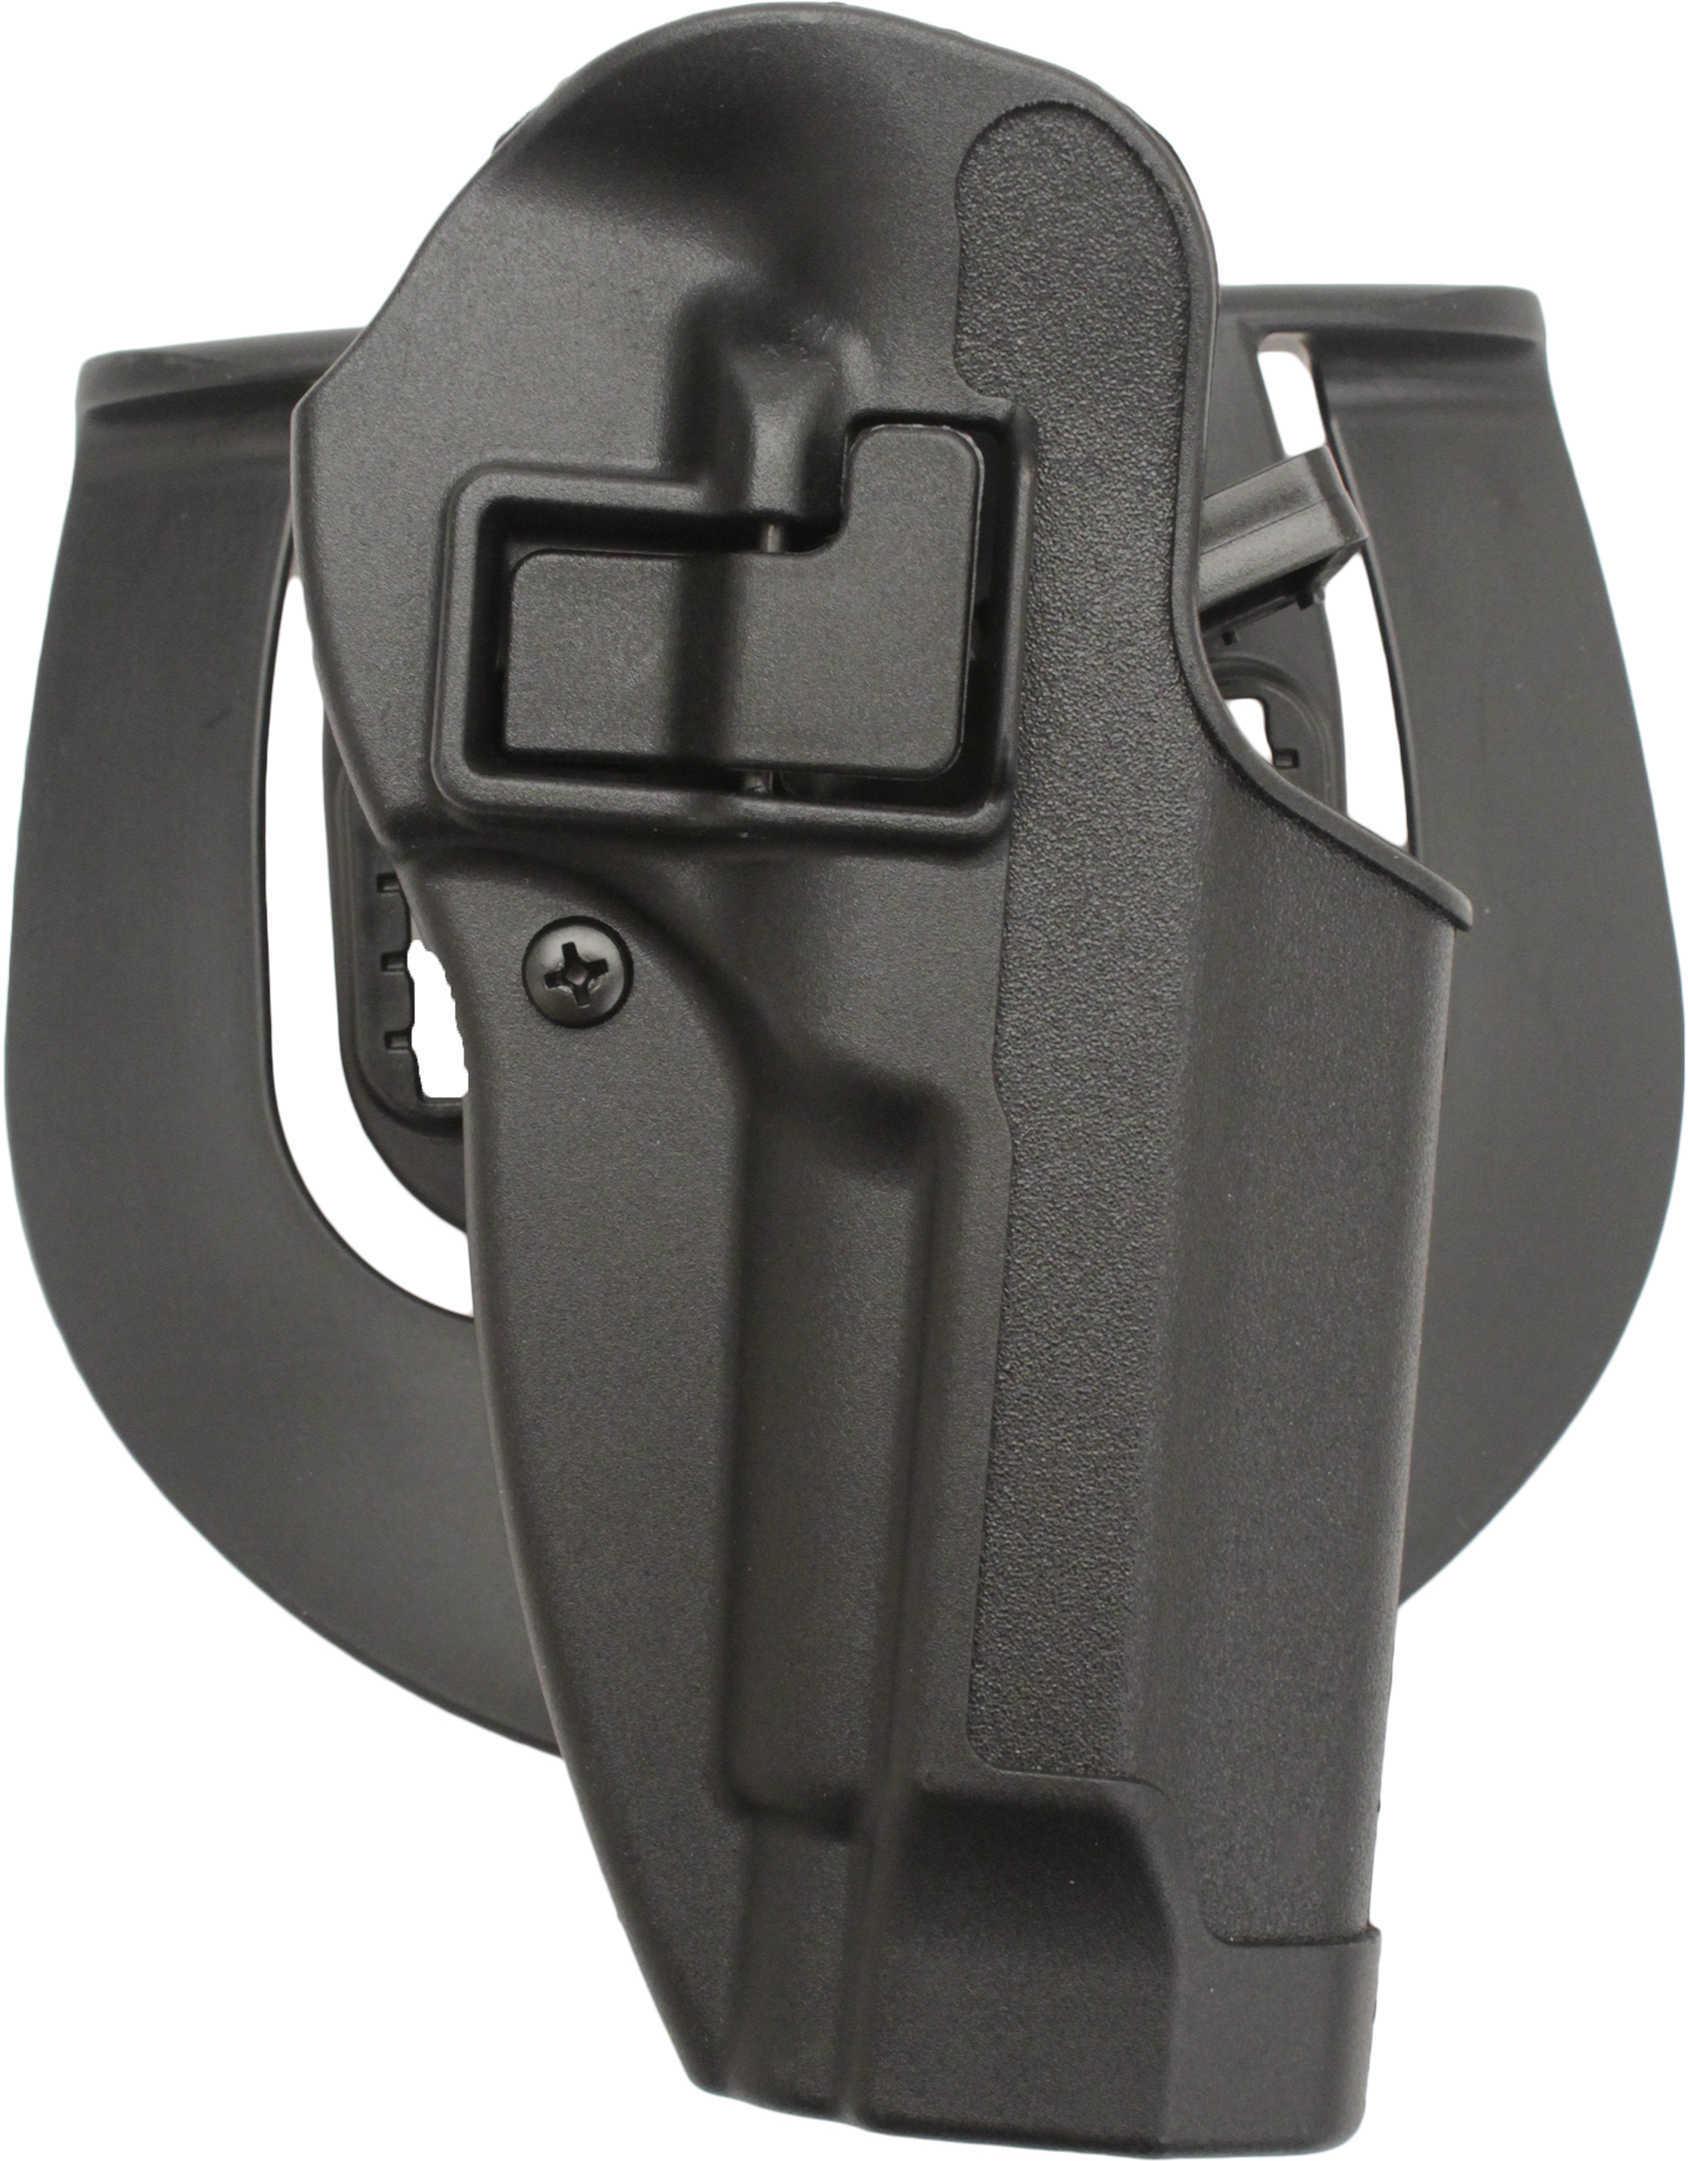 Blackhawk CQC Serpa Belt Holster Right Hand Black Ber 92/96 (Not Elite/Brig) Carbon Fiber Belt Loop And Paddle 410504Bk-